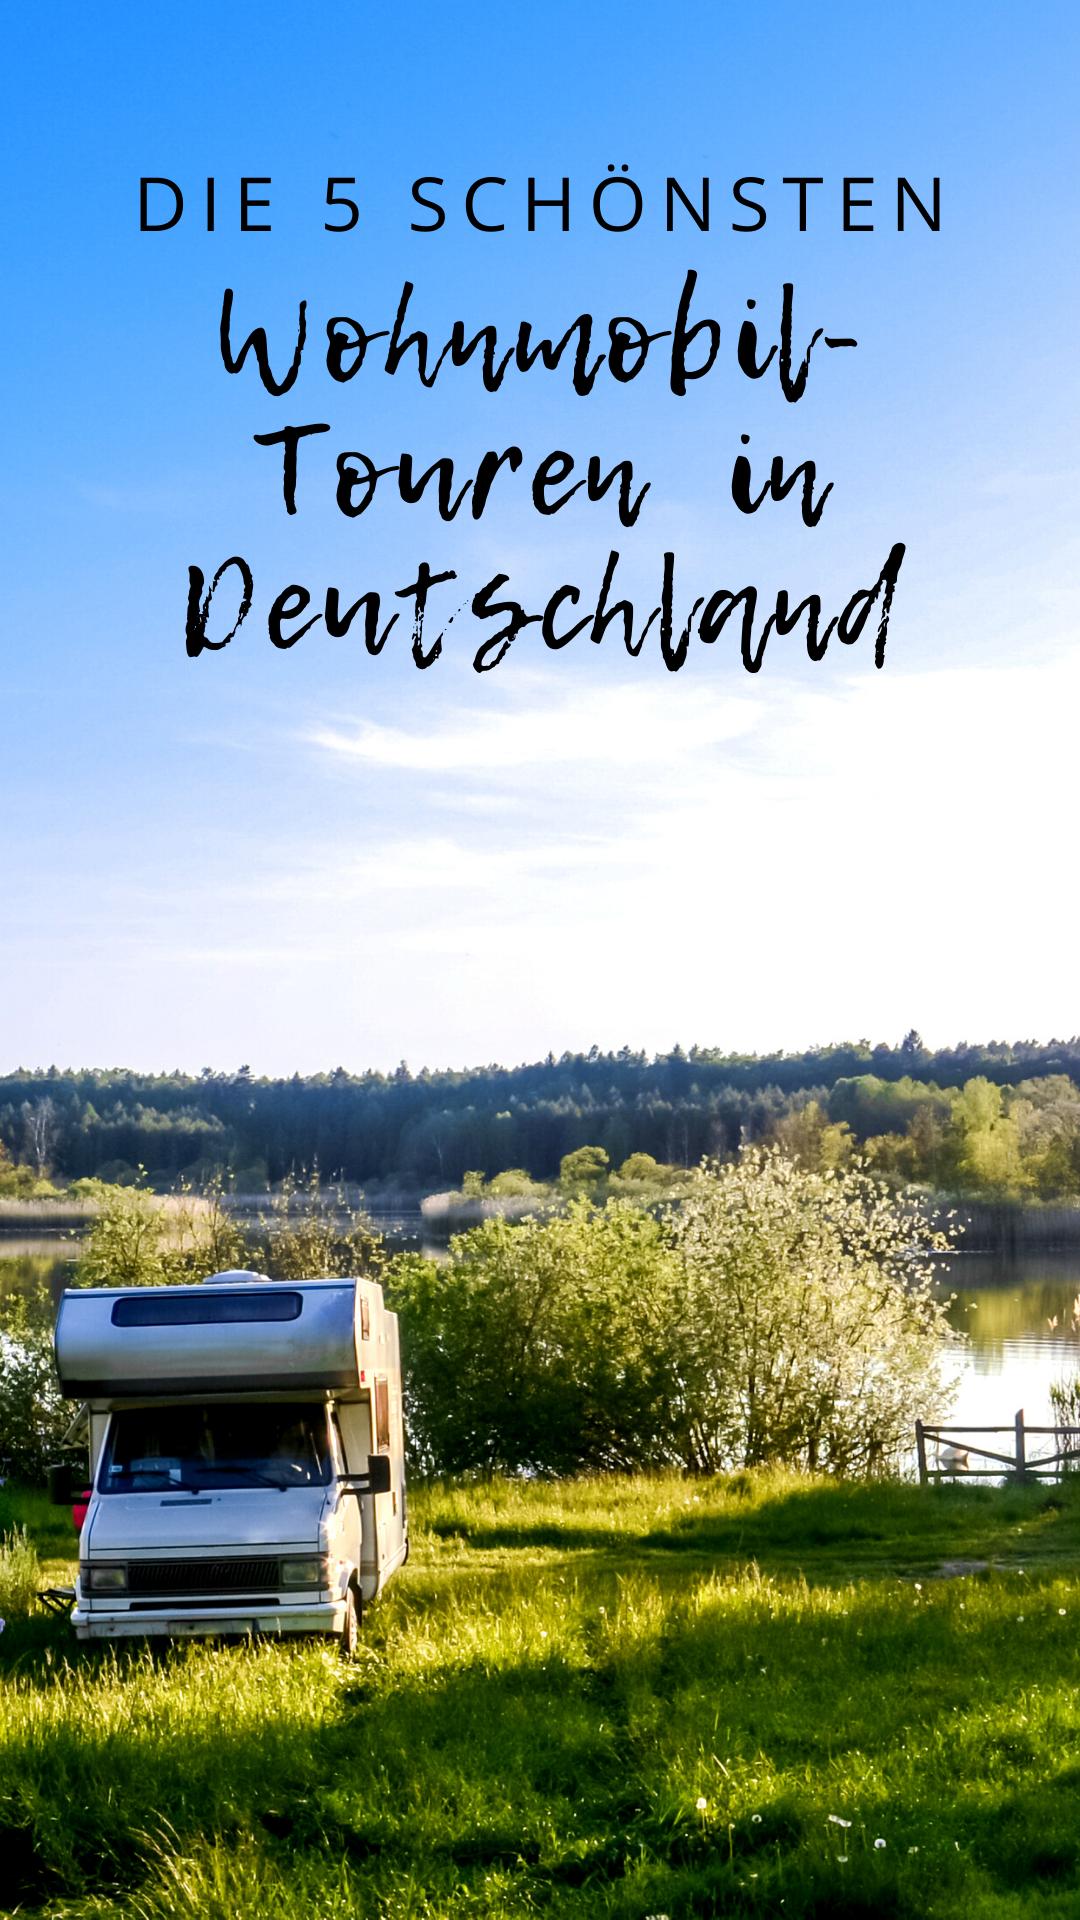 Die 8 schönsten Wohnmobil-Touren in Deutschland  Wohnmobil touren